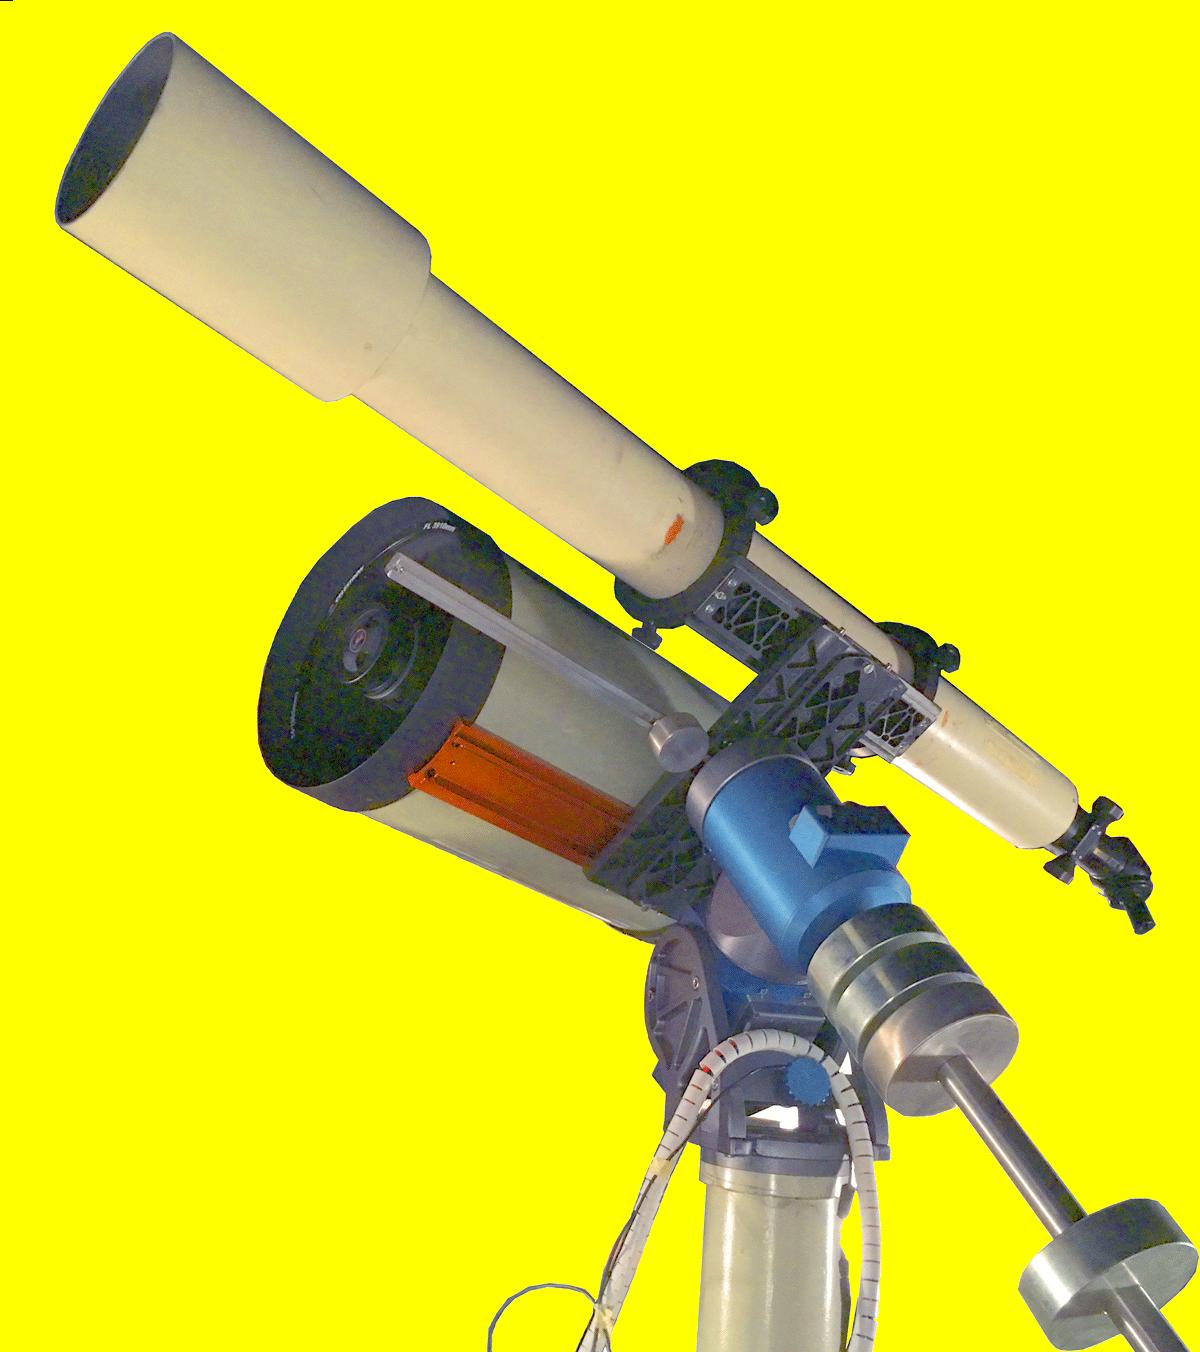 Refraktor und Spiegelteleskop der AGG und Kantonsschule Glarus